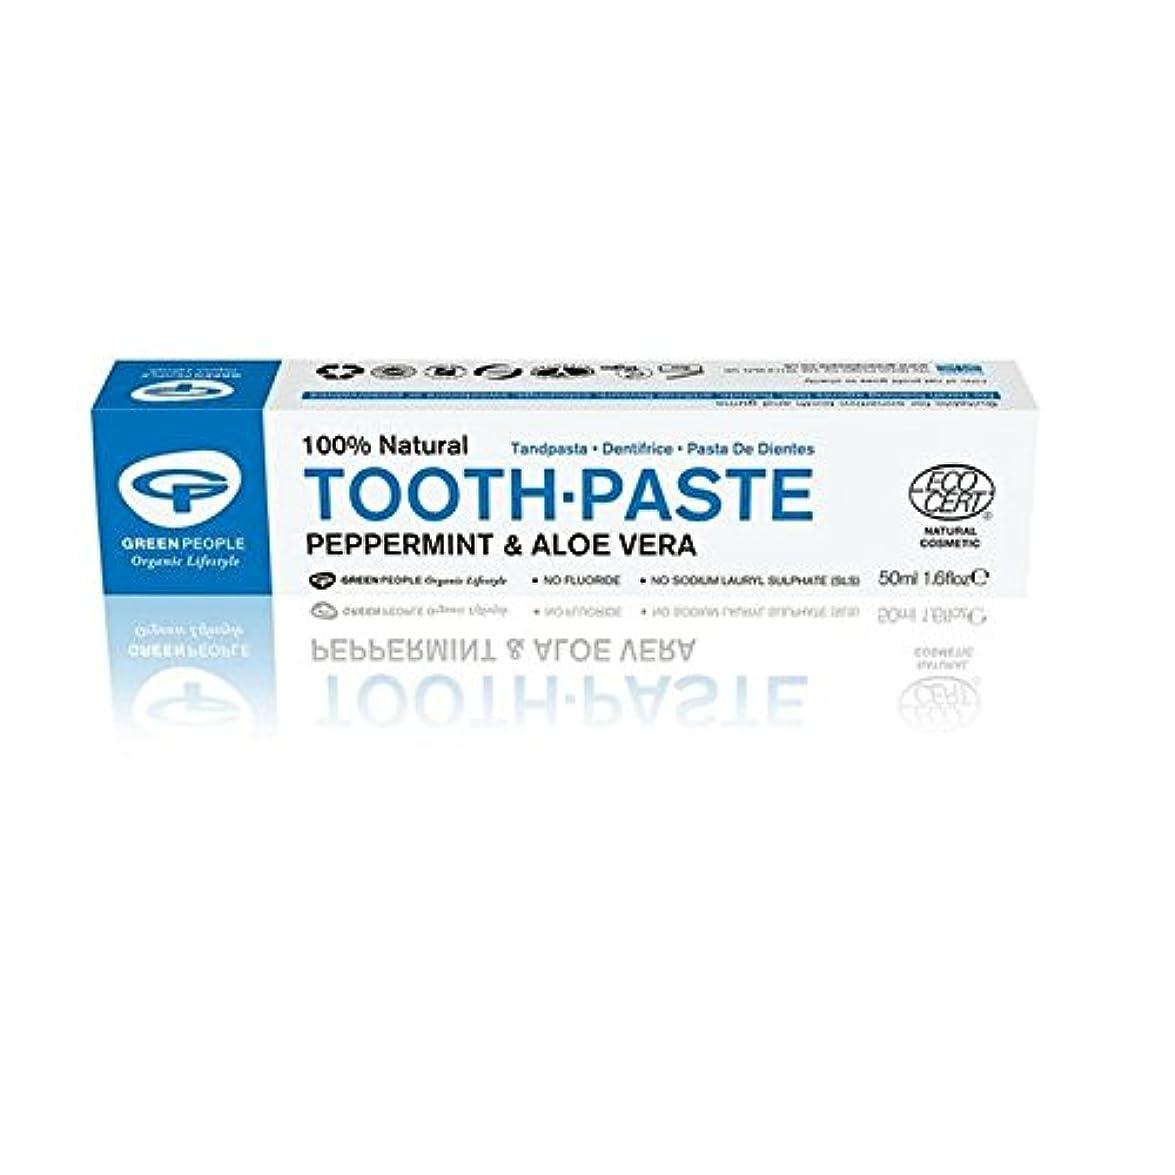 主導権自信があるマティス緑の人々の自然ミント歯磨き粉50ミリリットル x4 - Green People Natural Mint Toothpaste 50ml (Pack of 4) [並行輸入品]